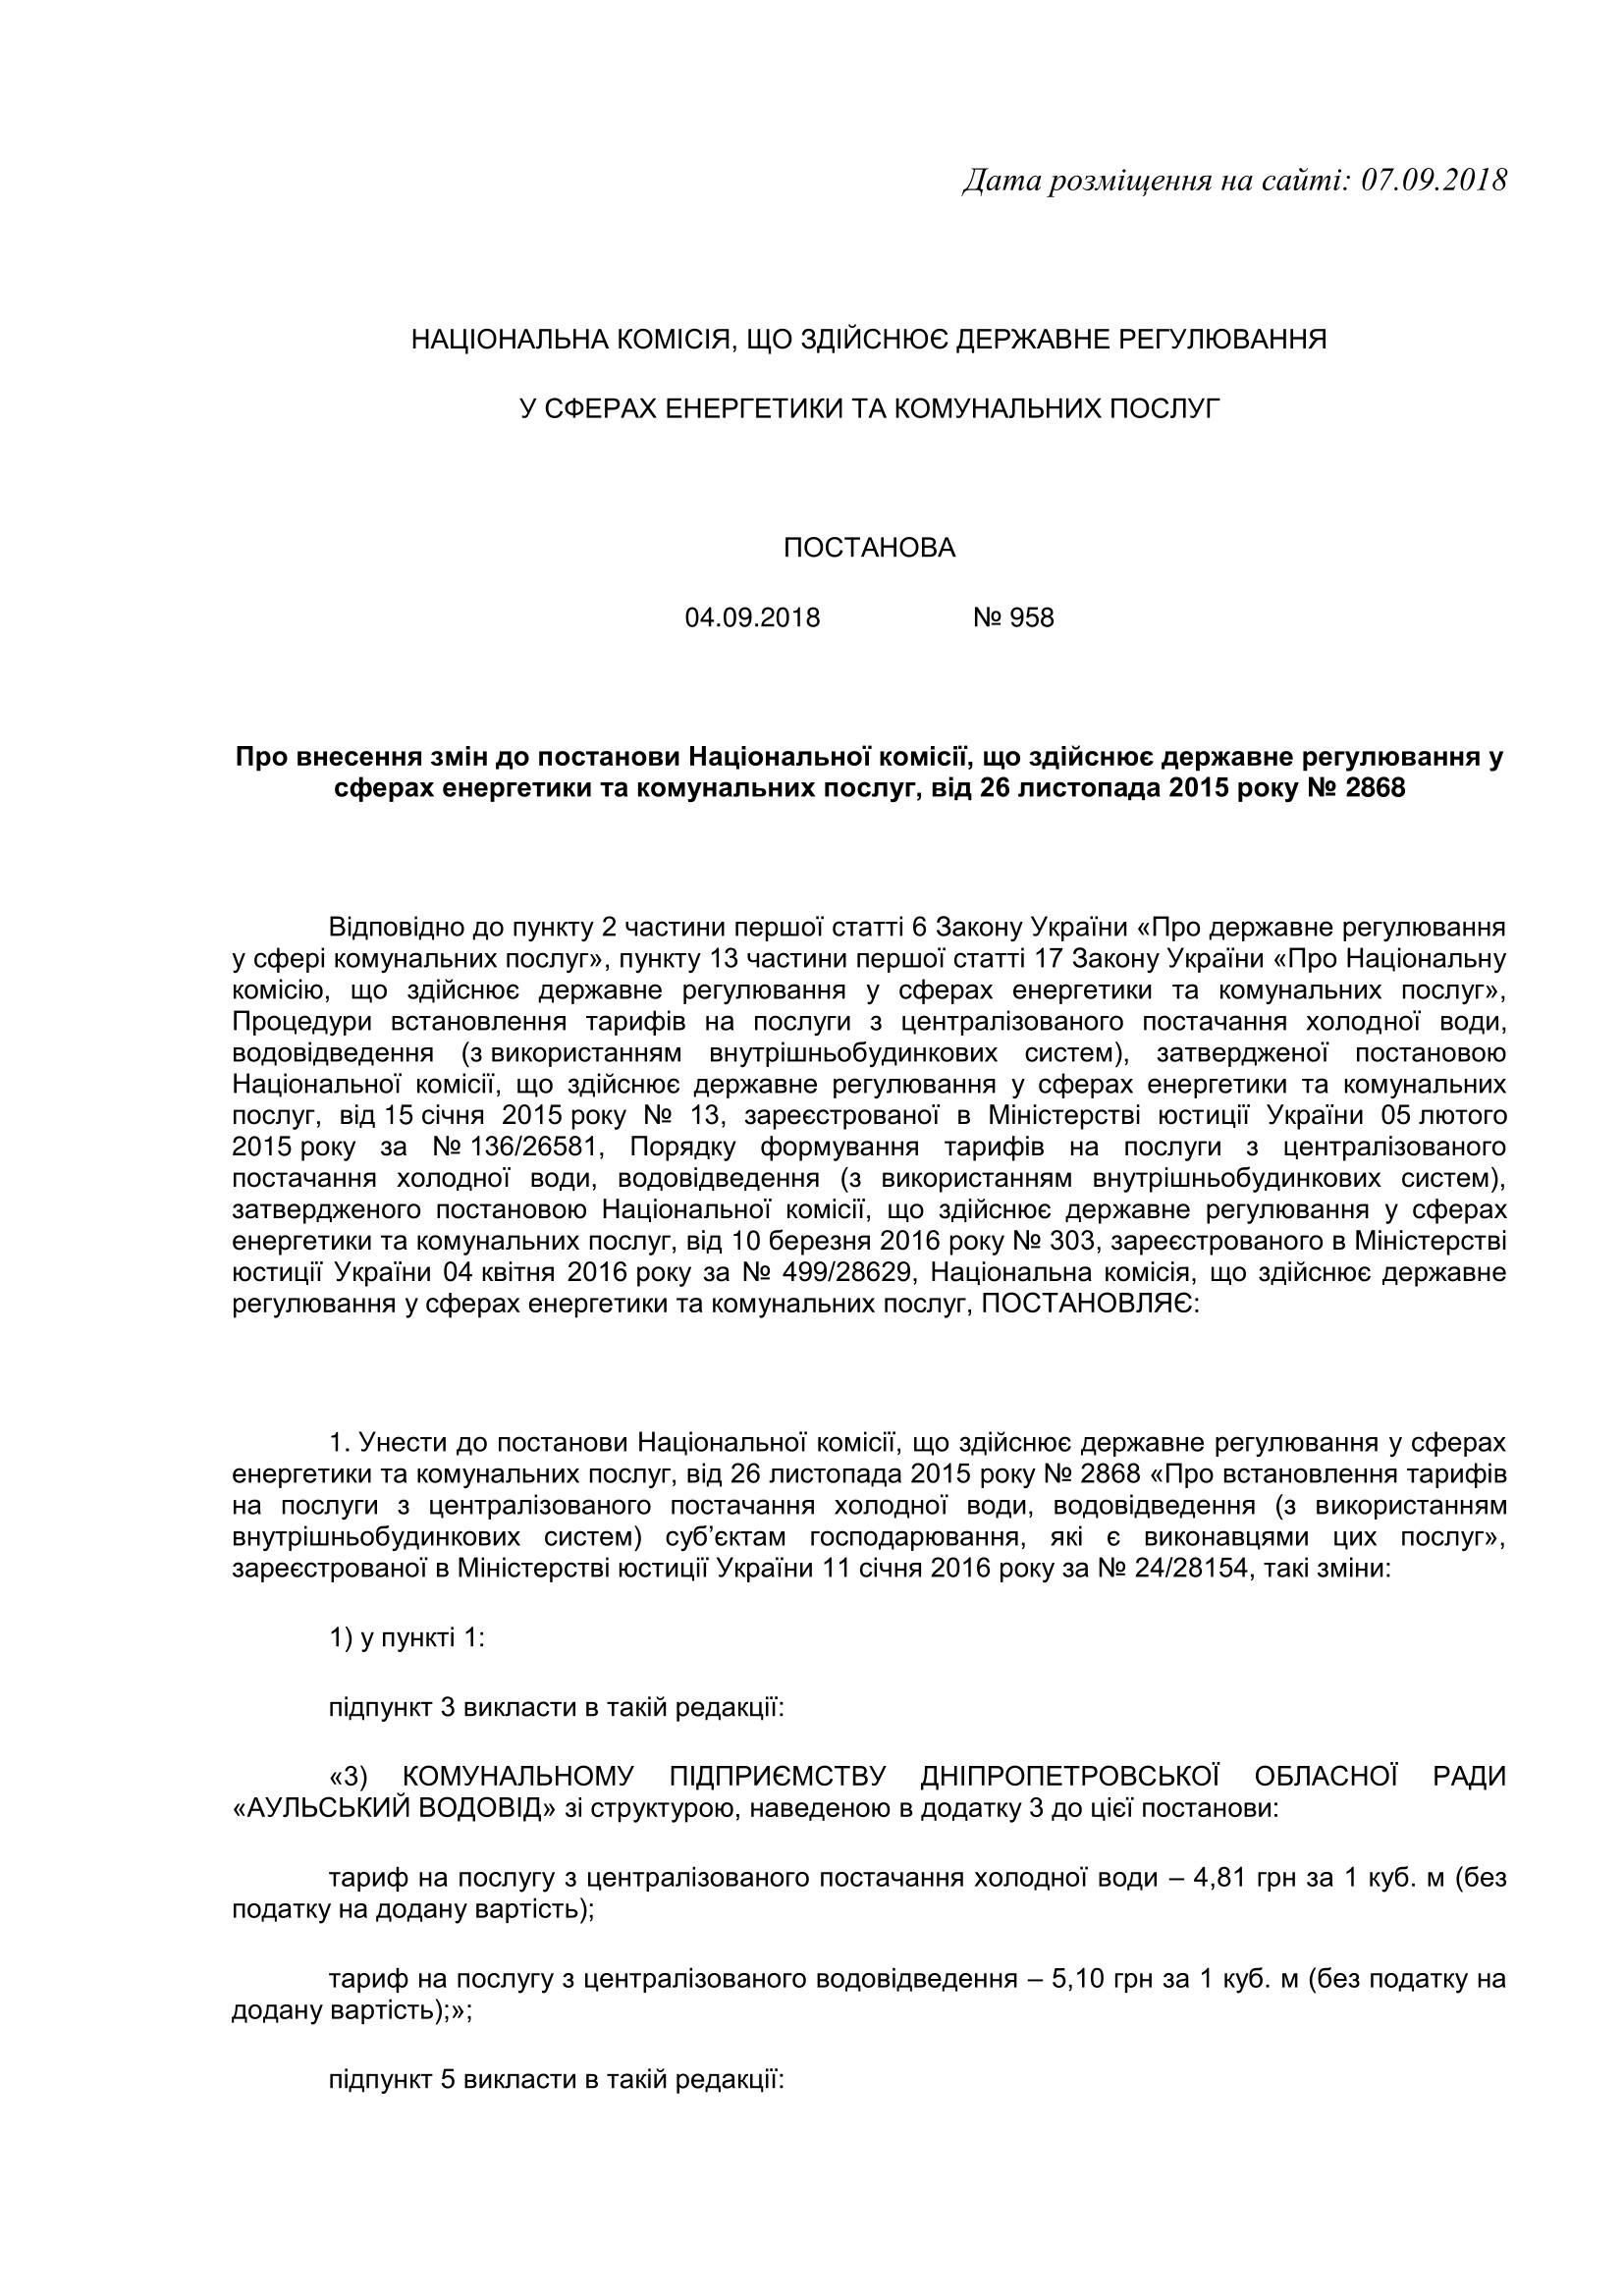 Постанова НКРЕКП від 04.09.2018р. № 958